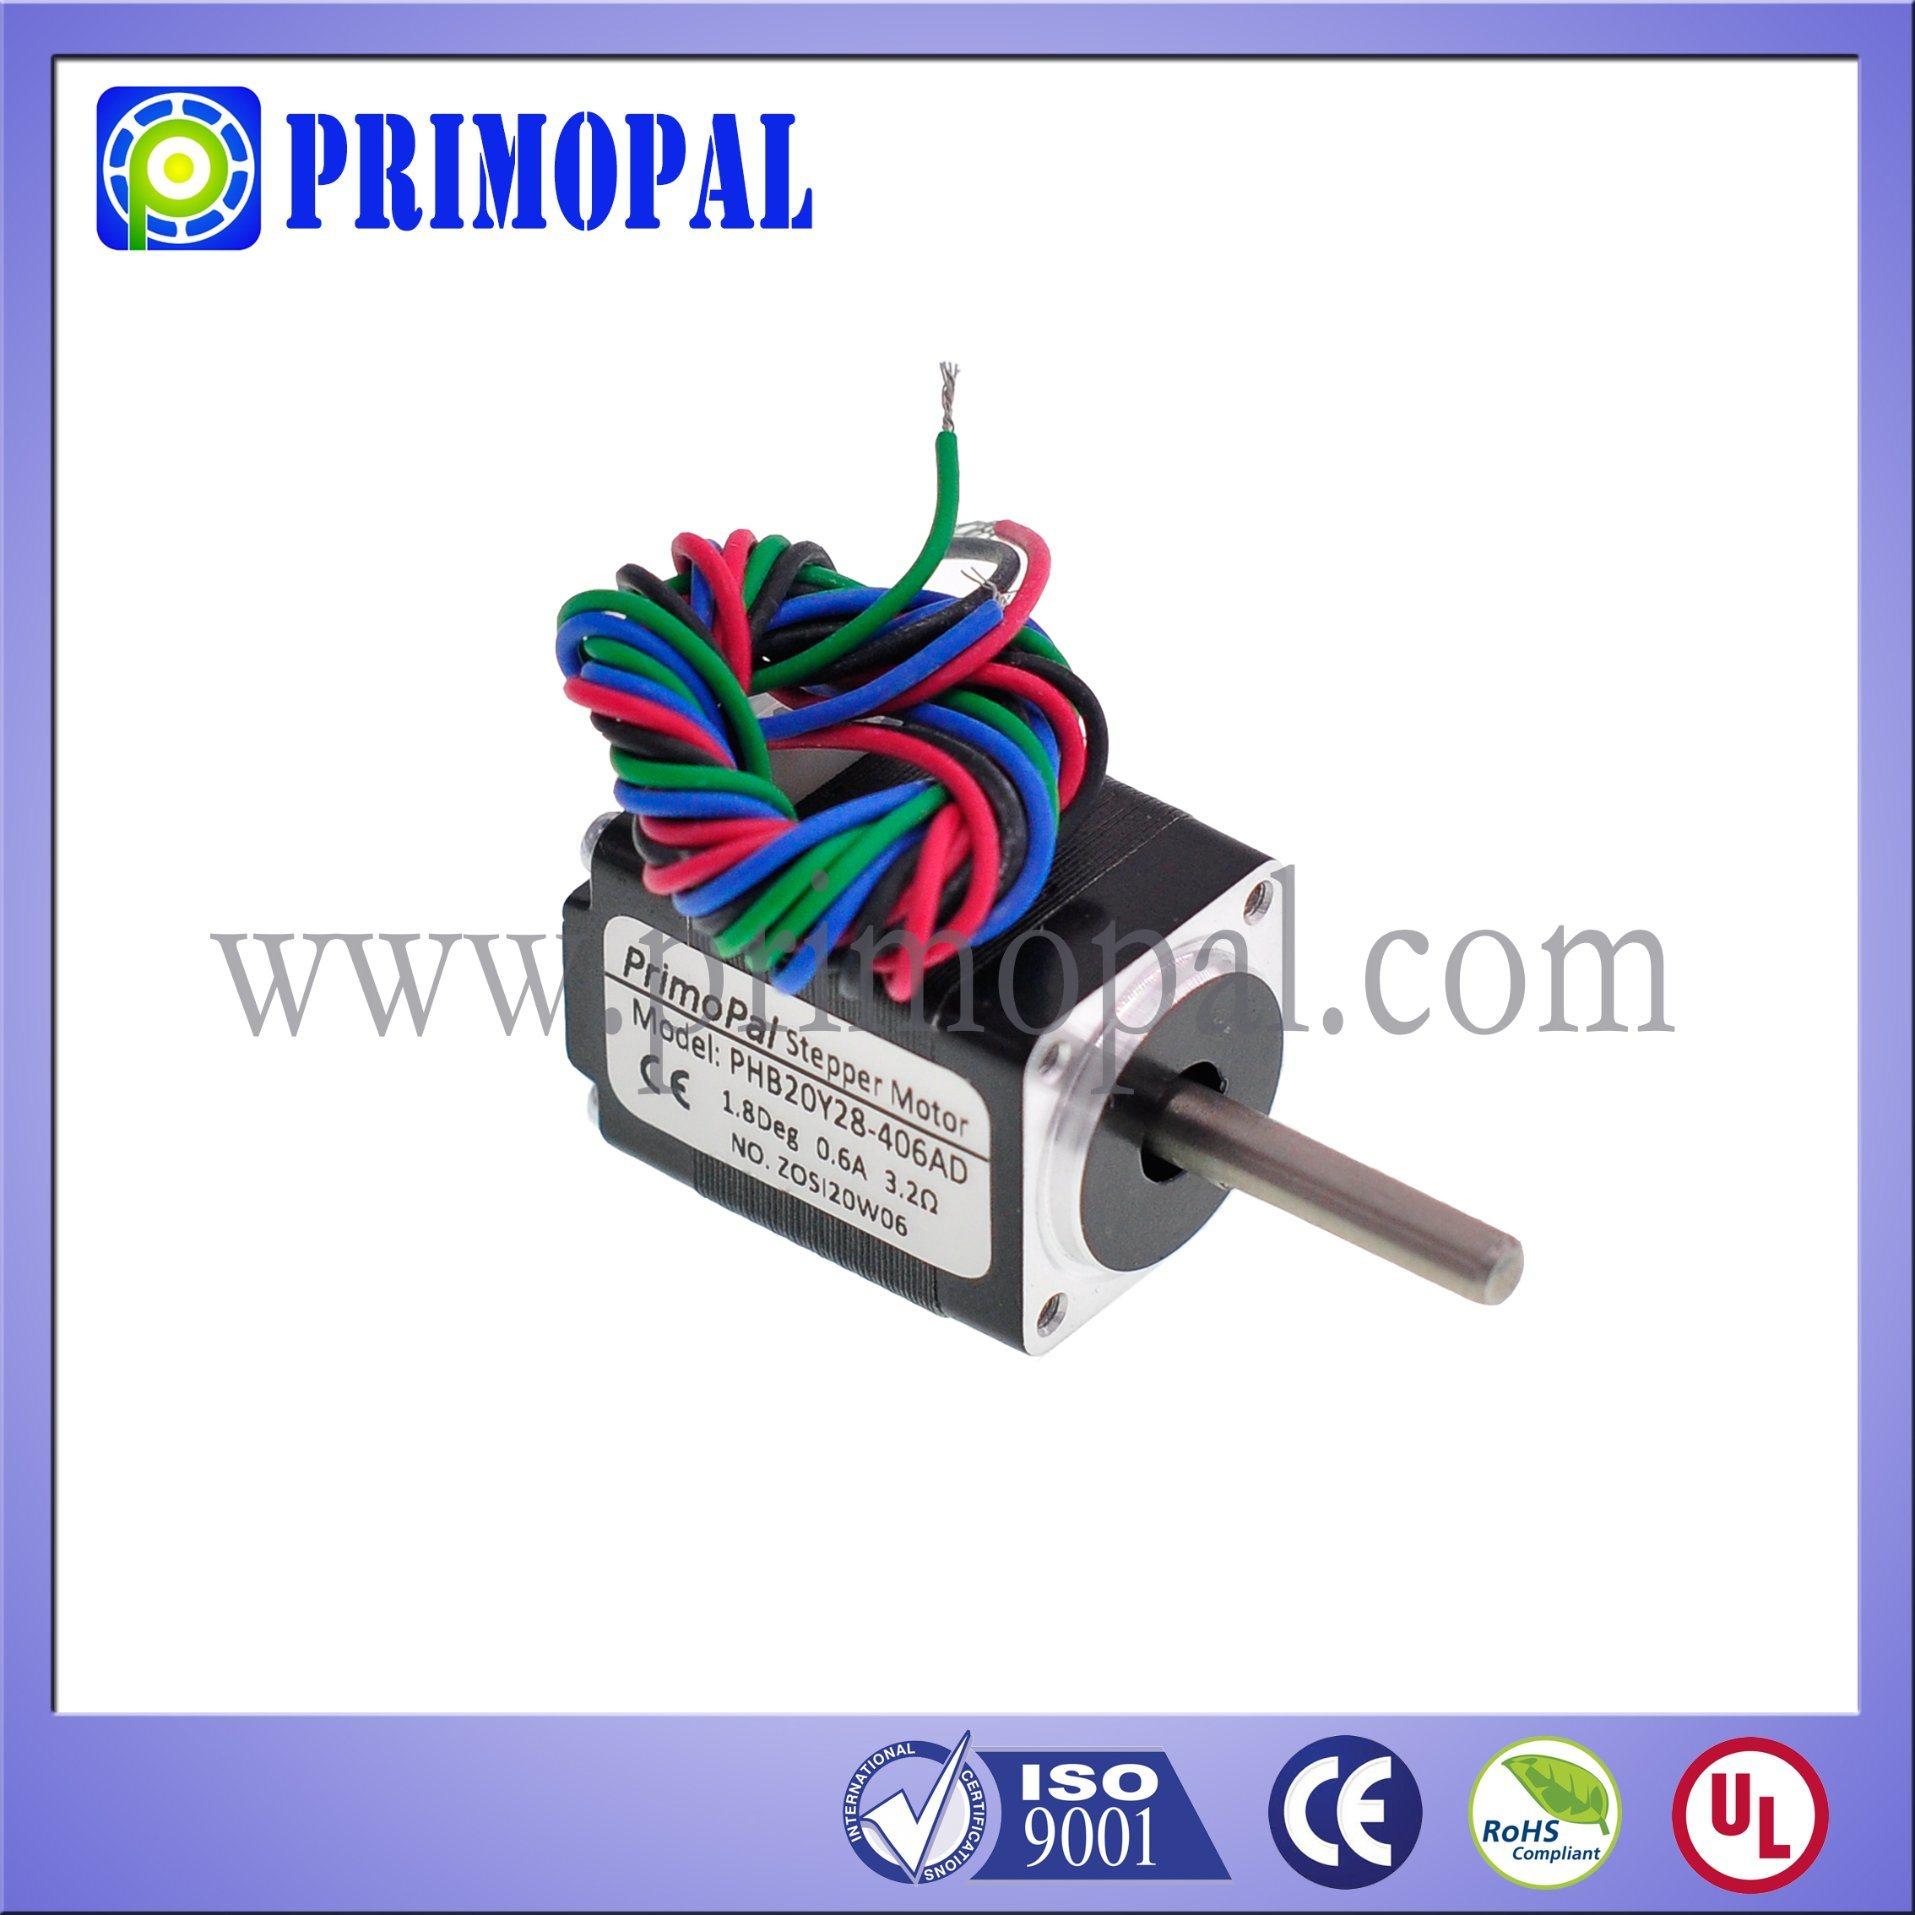 Miniature NEMA 8 Stepper Motor for CCTV System